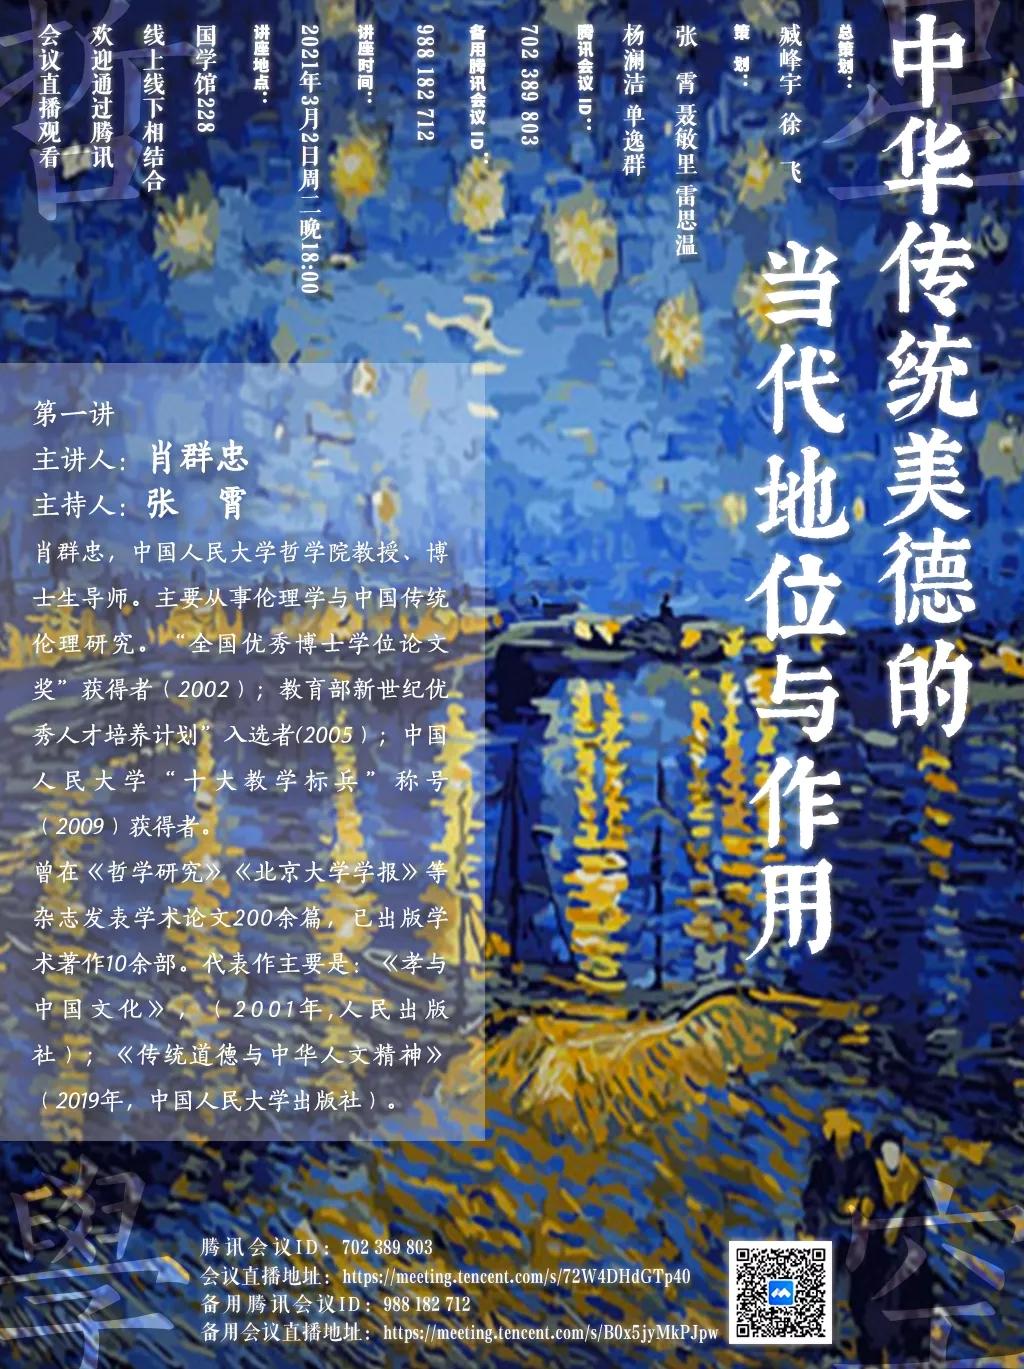 哲学的星空 | 中国人民大学哲学前沿讲座系列·2021第一讲(图)